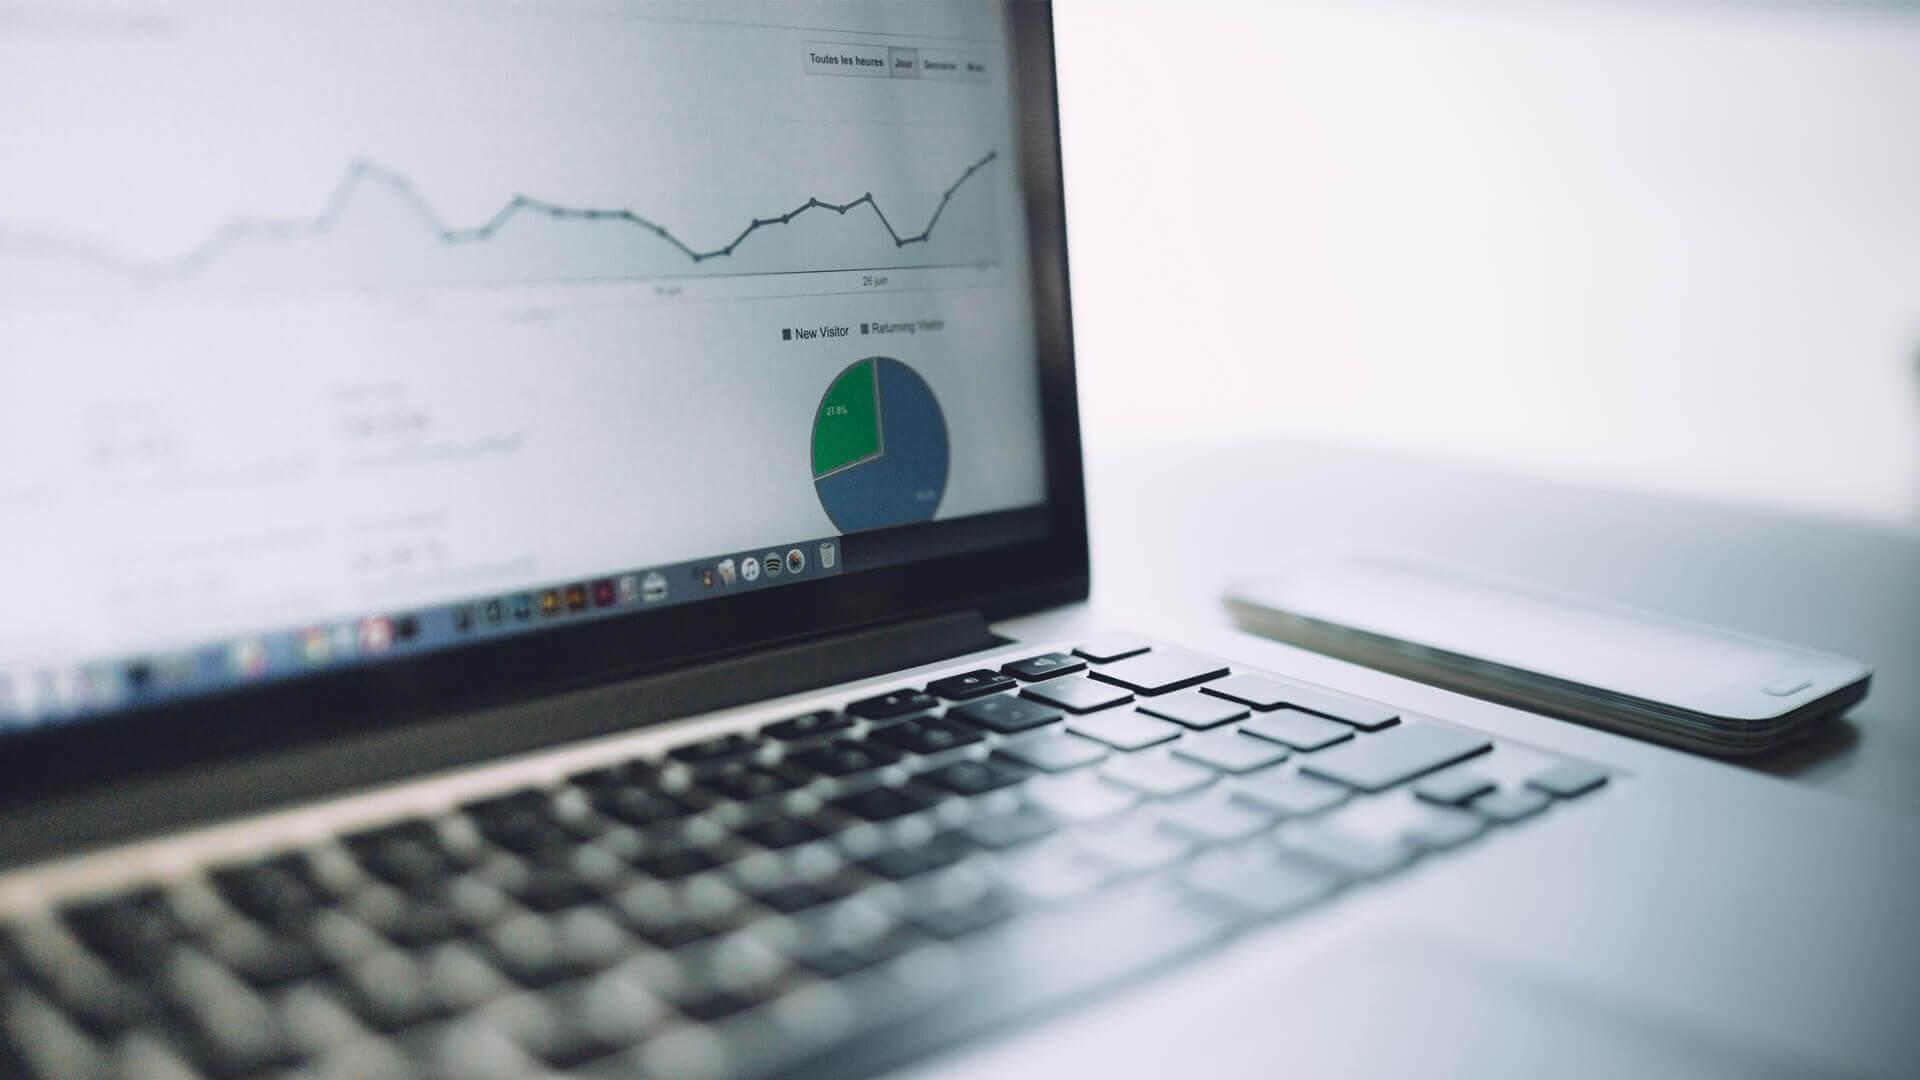 Что такое Траст сайта и какие показатели влияют на его индекс